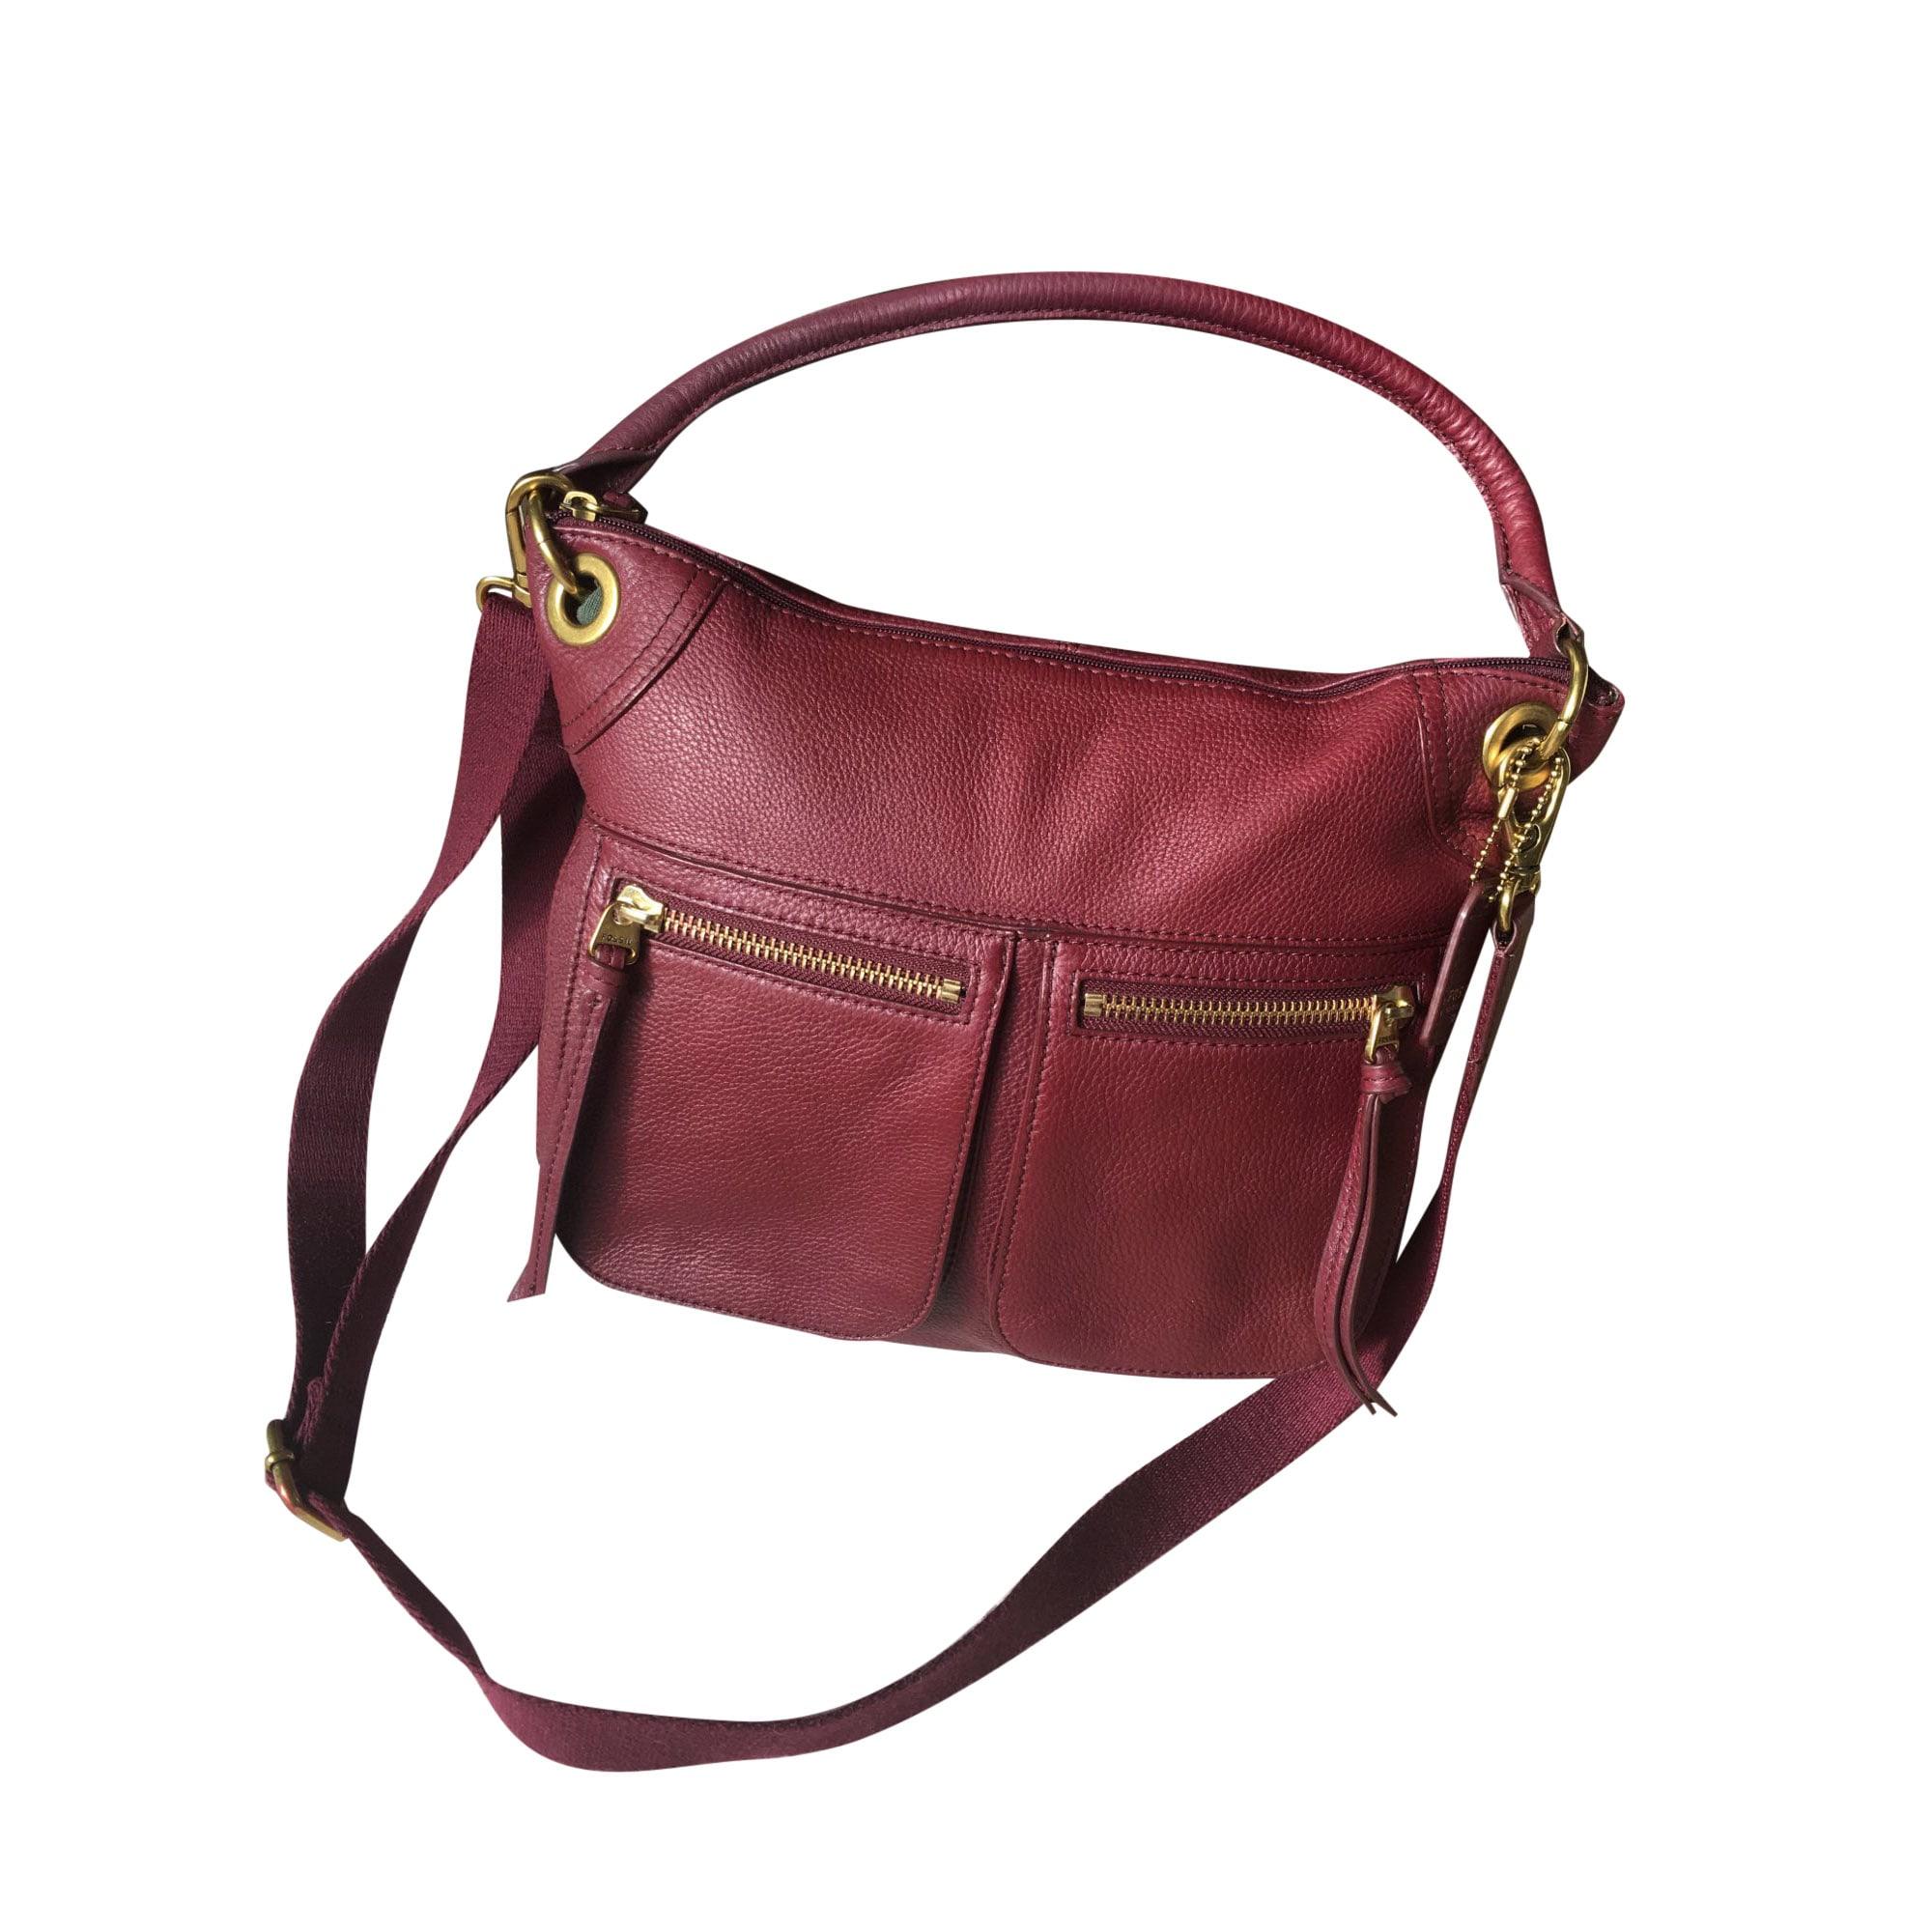 Lederhandtasche FOSSIL Rouge Hermes